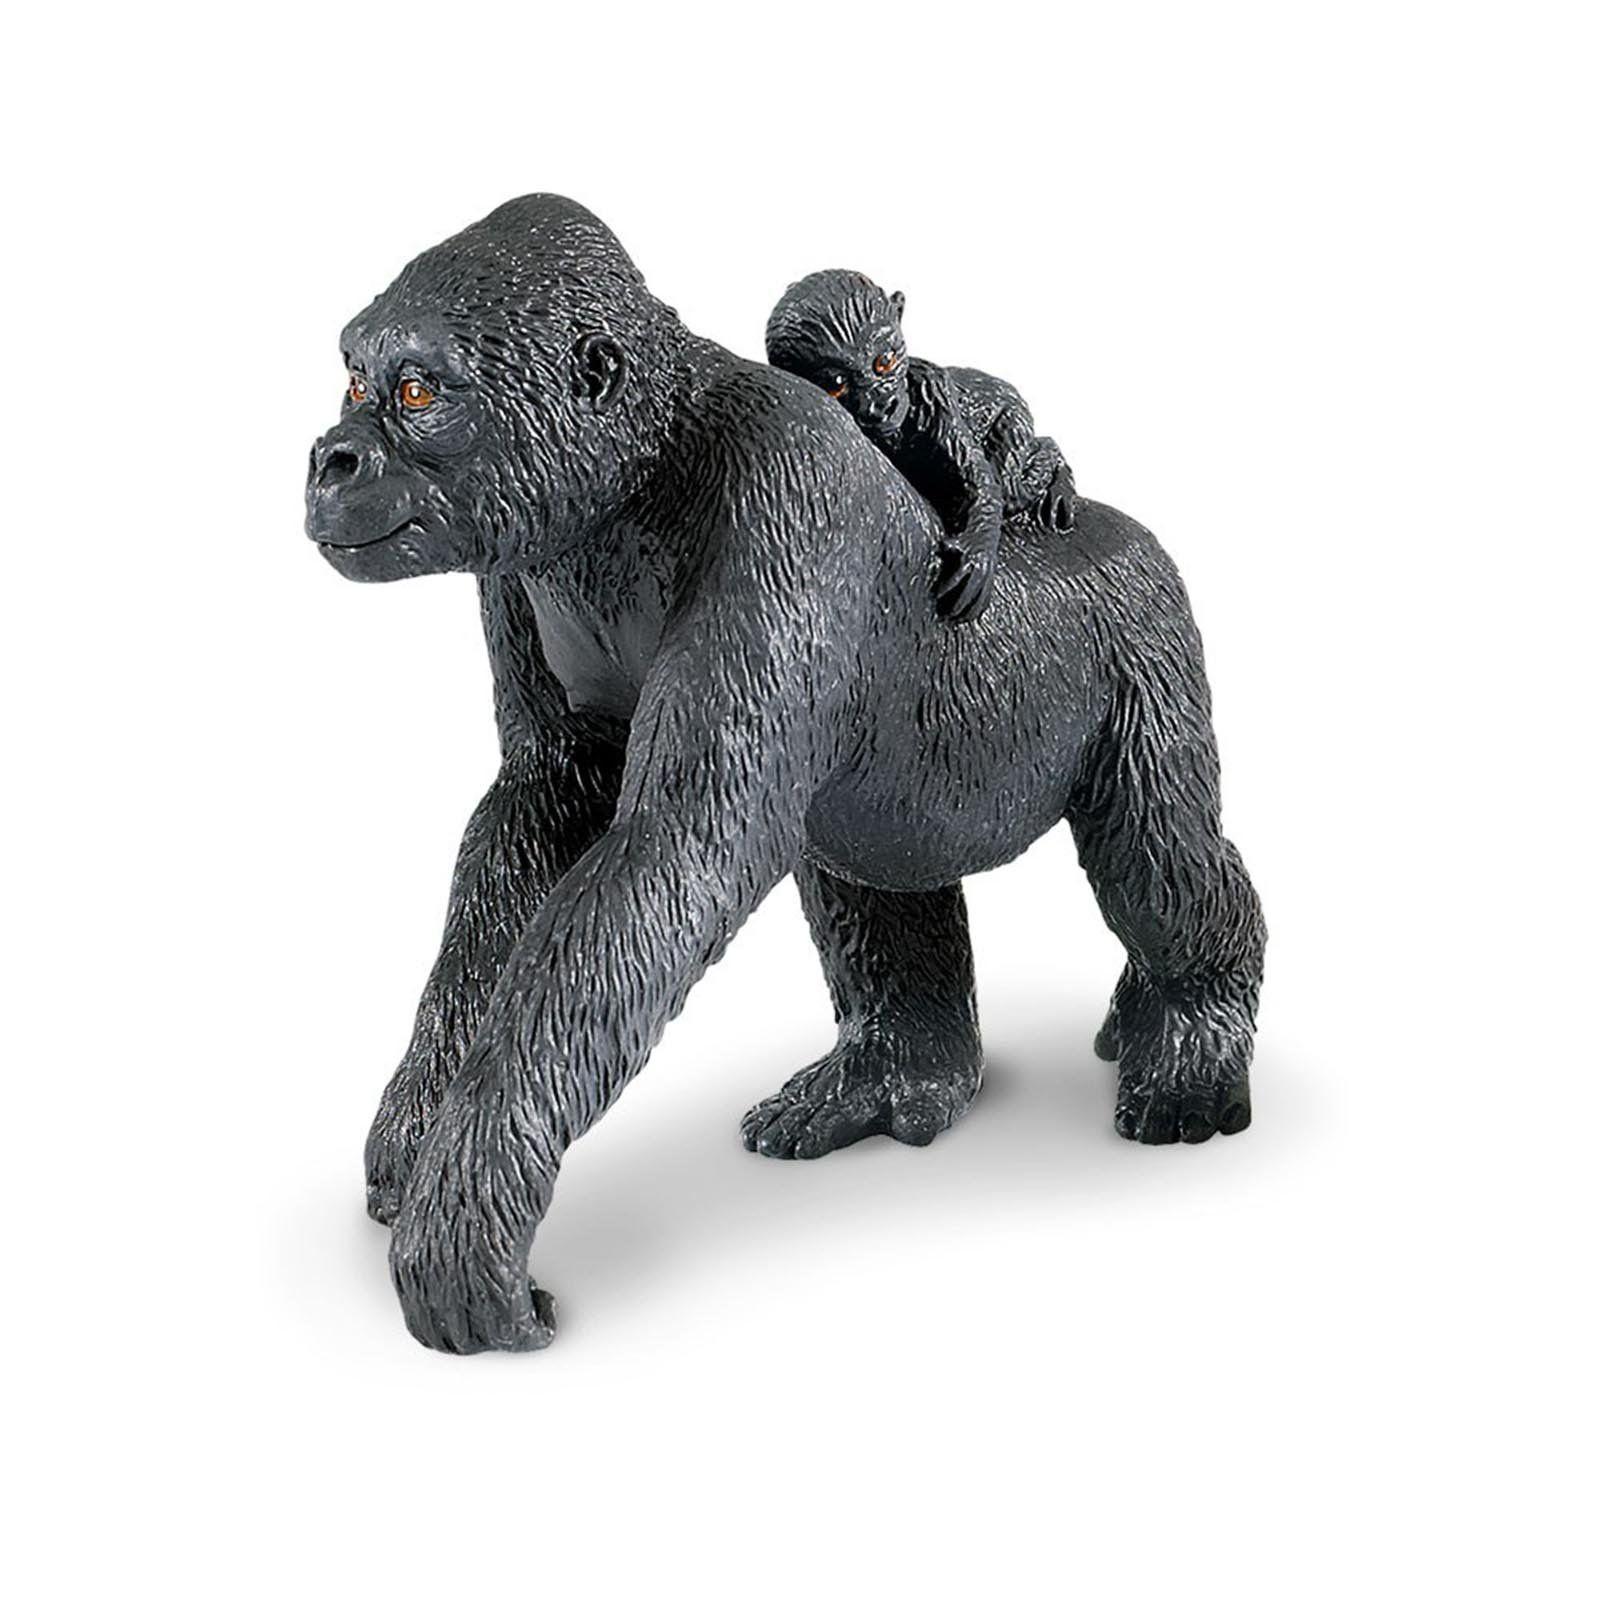 Schleich 14771 Gorilla Femelle 8 cm Série Animaux Sauvages